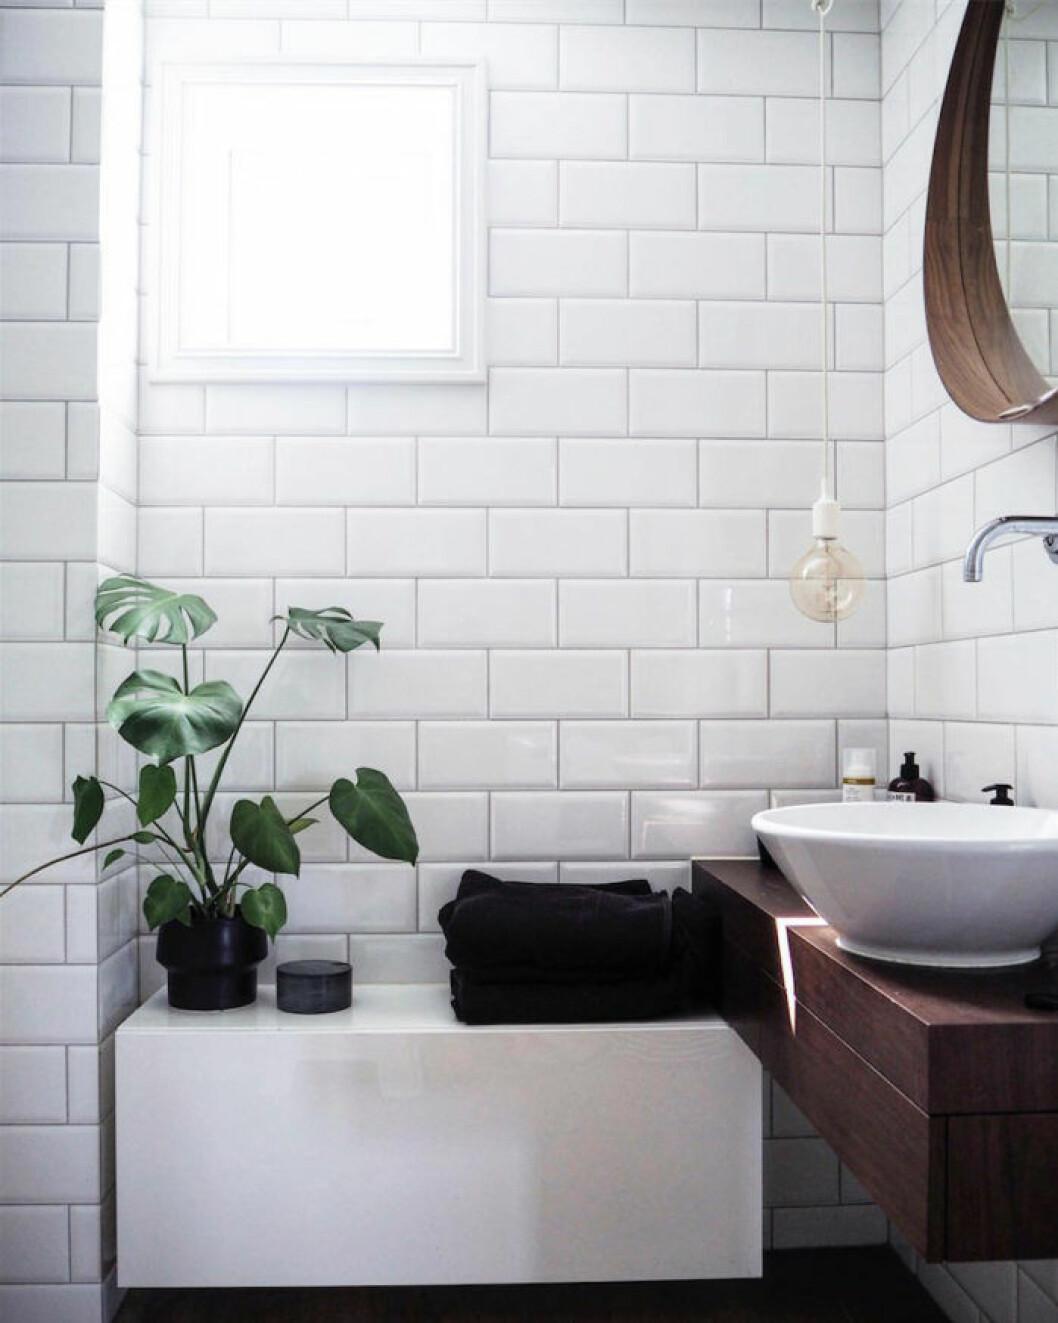 Skapa en kontrast med mörka träslag i badrummet.